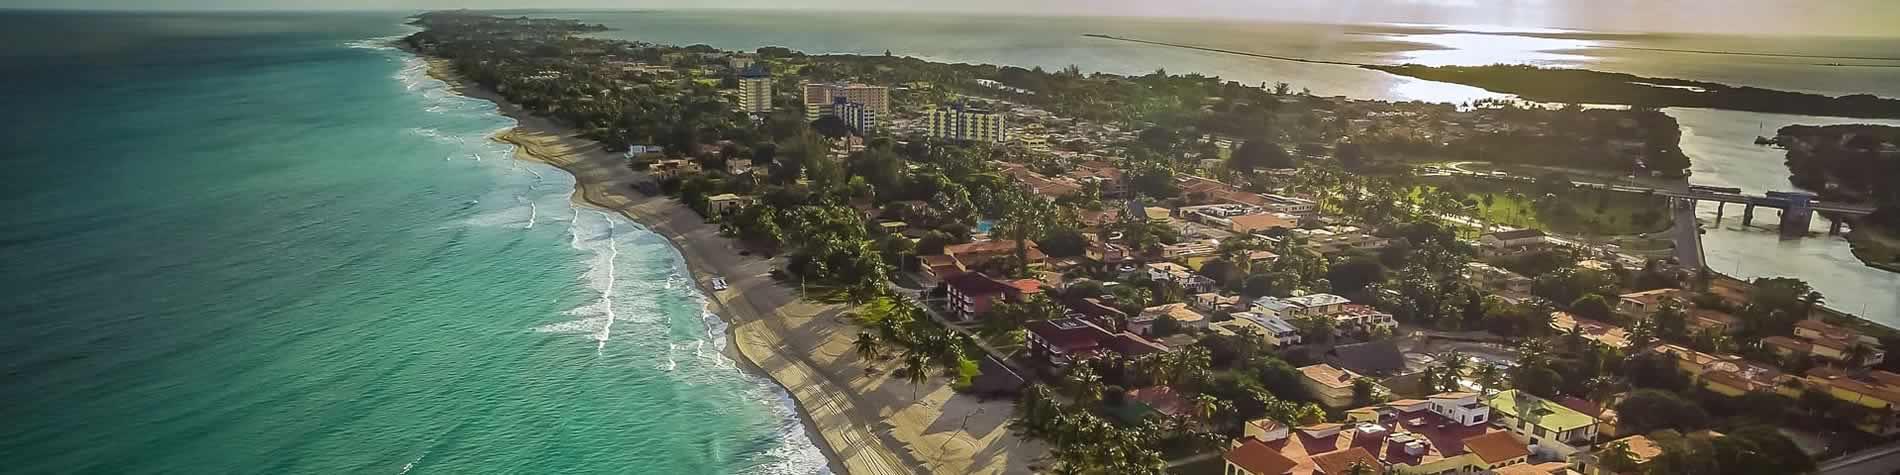 View of the varadero beach peninsula